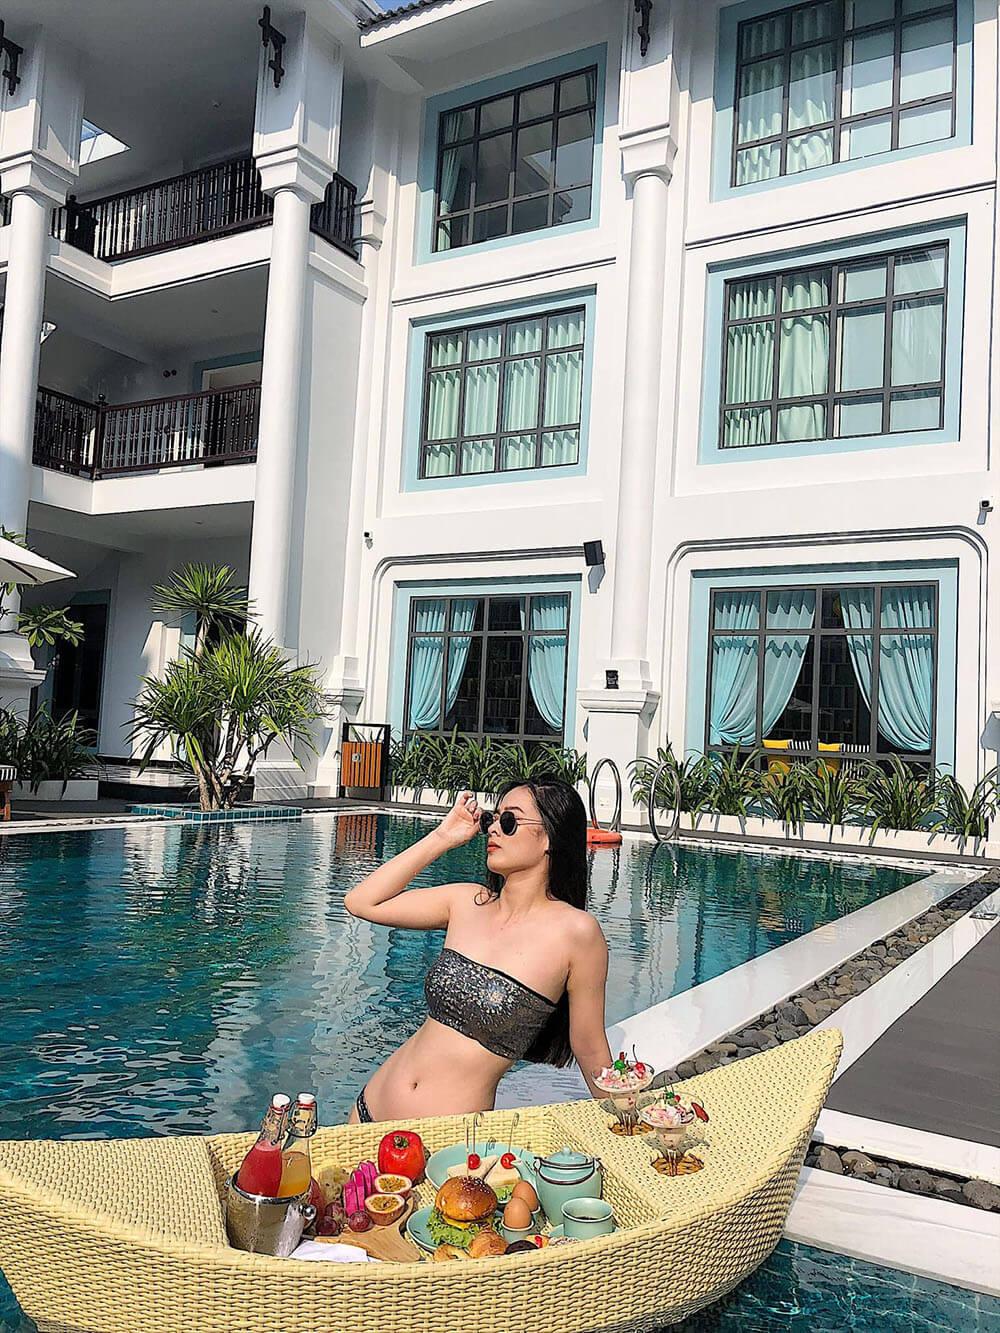 Anio Boutique Hotel Hoi An 03 Le Dinh Tham Cam Son Hoi An Quang Nam Review Lich Trinh Da Nang Hoi An 5n4d Phu Hop Voi Nhom Ban Than 05